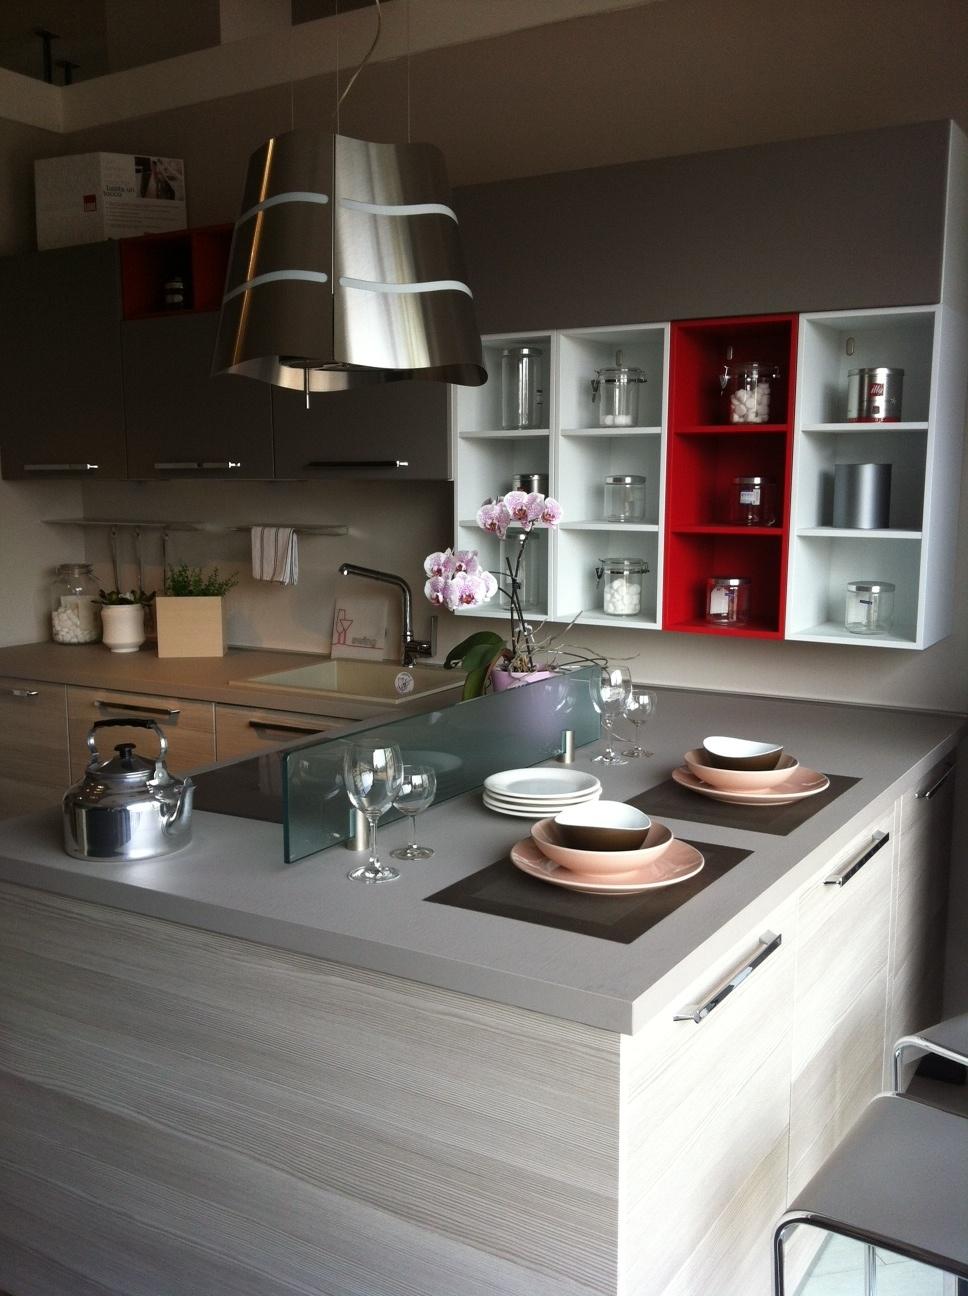 Cucina lube cucine immagina moderna laminato materico - Cucina lube immagina ...